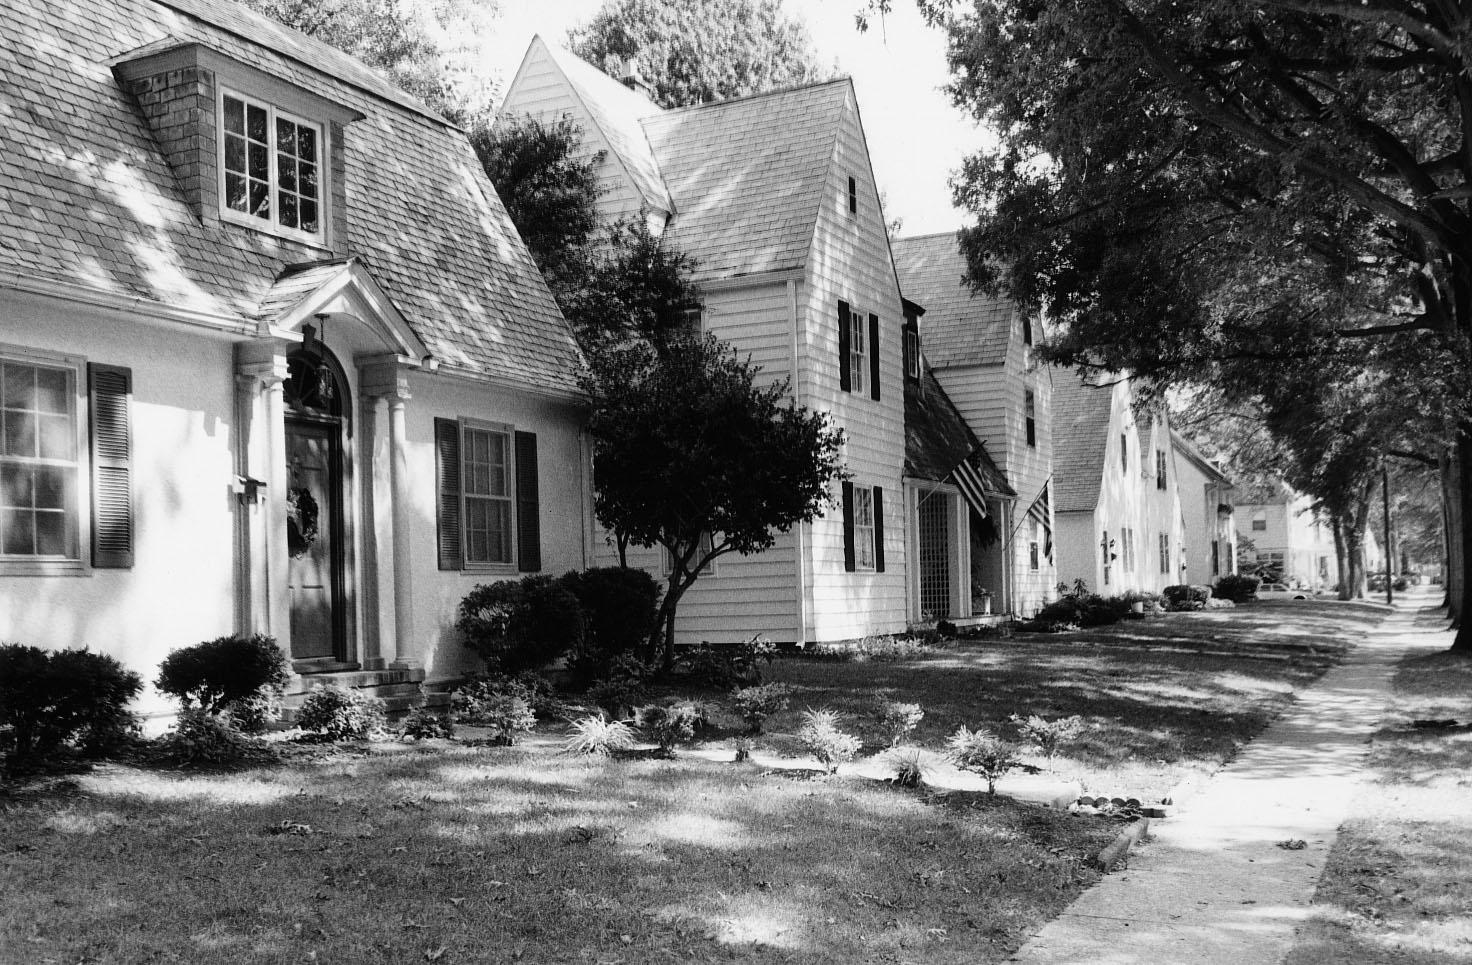 Hilton Village - Wikipedia, the free encyclopediahilton village